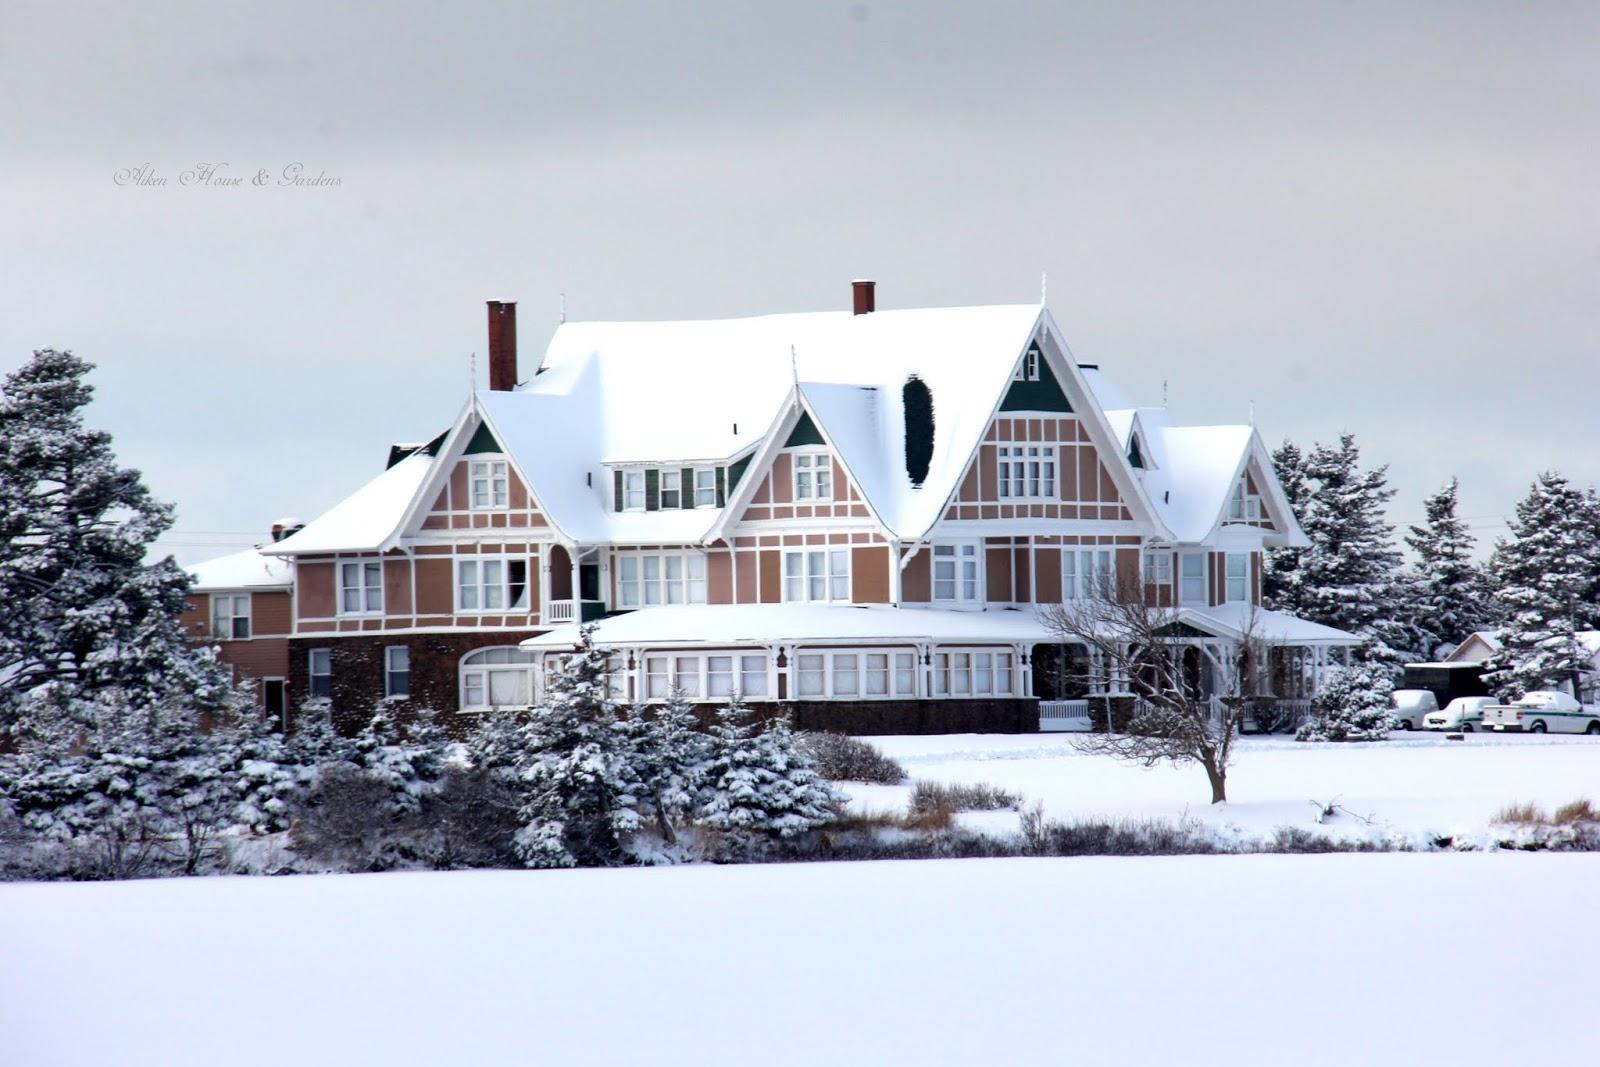 Aiken house gardens an island winter drive for Aiken house